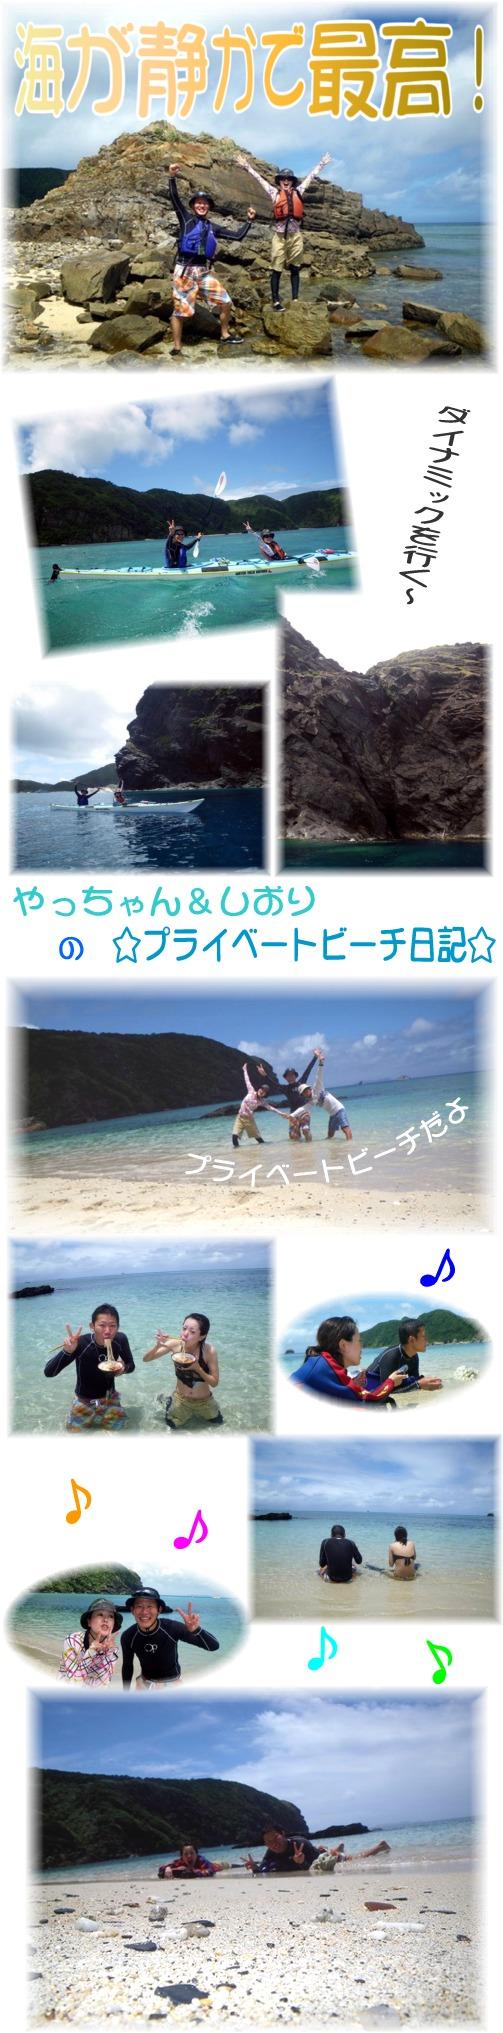 プライベートビーチ日記